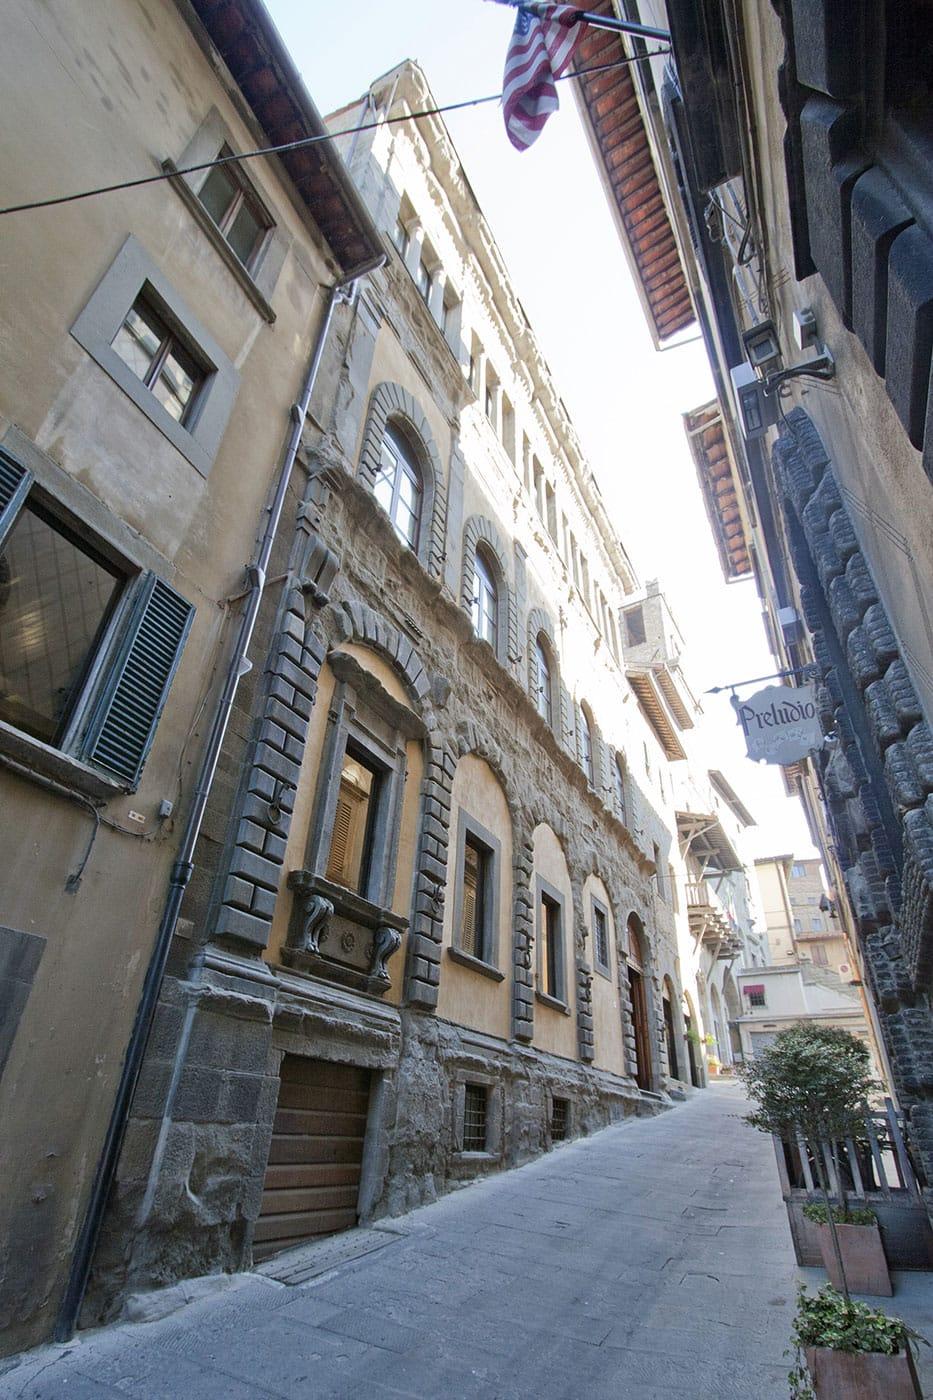 Via Guelfa, Cortona